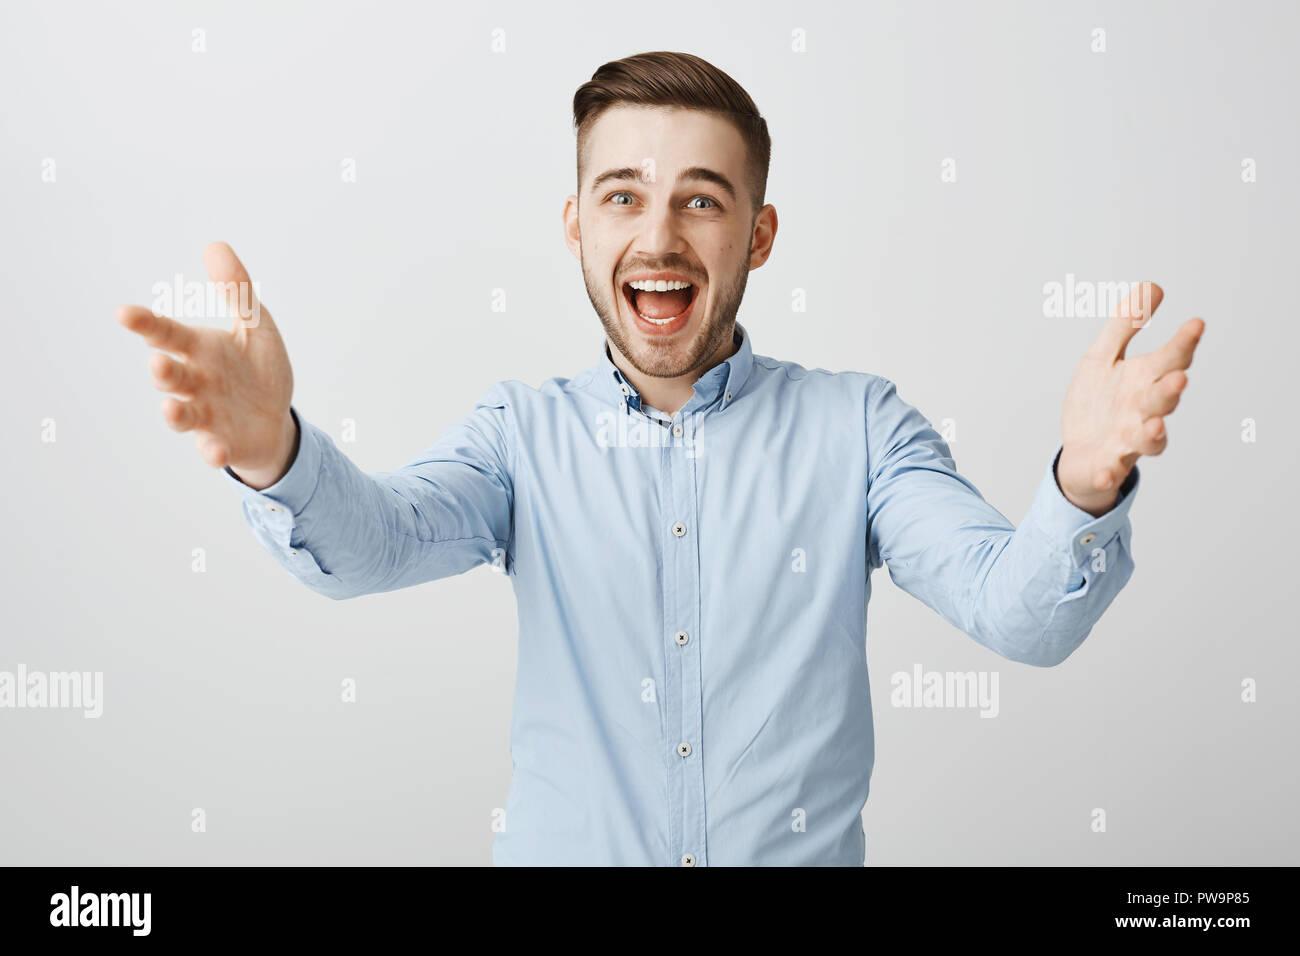 Taille plan sur heureux heureux beau beau mec avec adultes en soie bleu shirt officiel mains tirant vers la caméra avec un large sourire chaleureux invitant meilleur ami viennent dans Banque D'Images